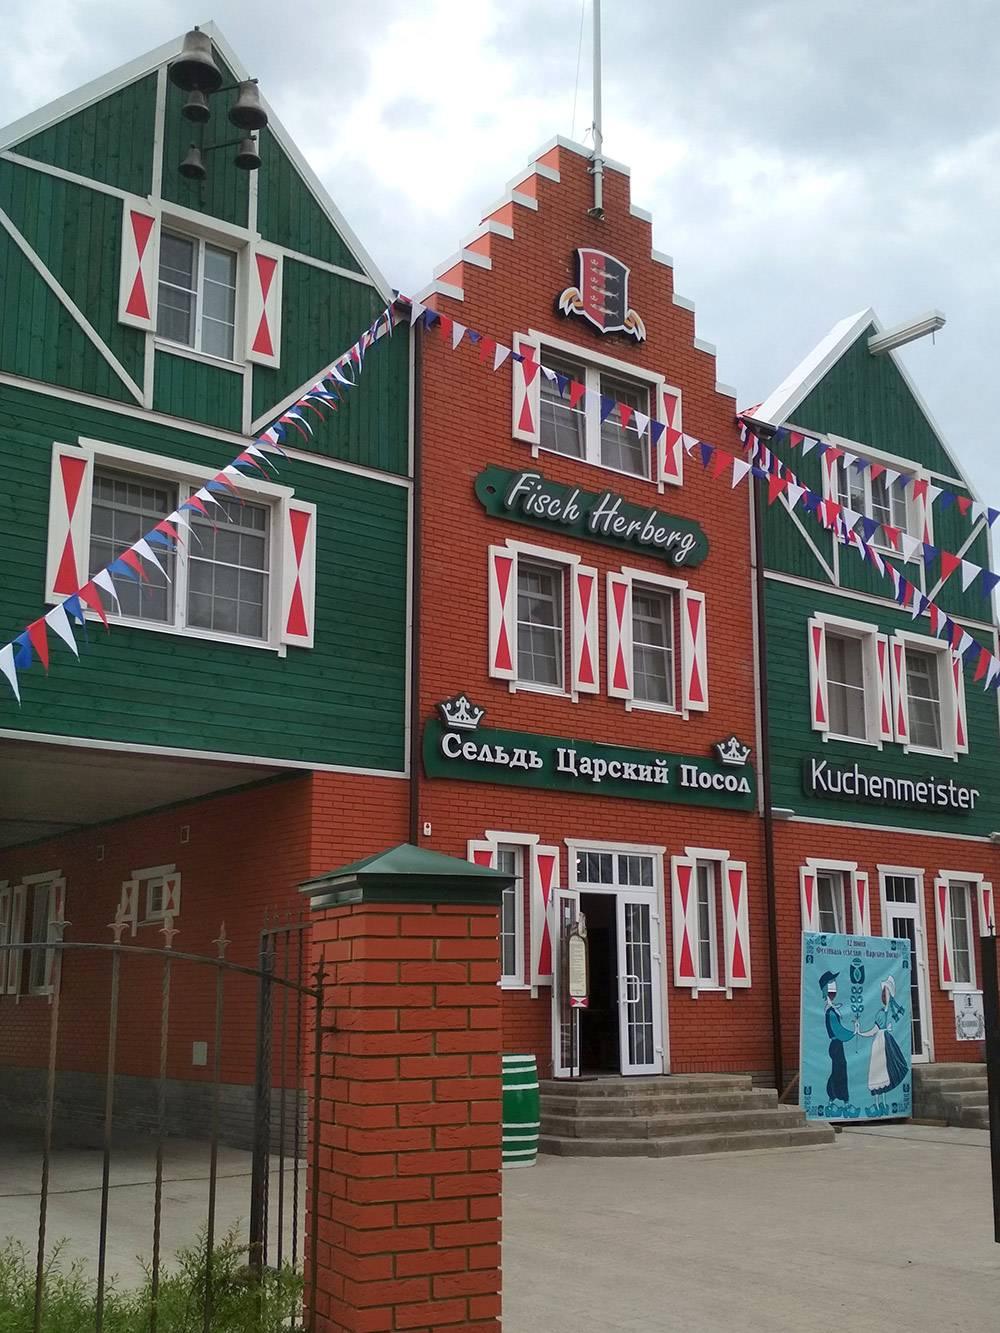 Отель «Сельдь Царский Посол» нам понравился и снаружи, и внутри